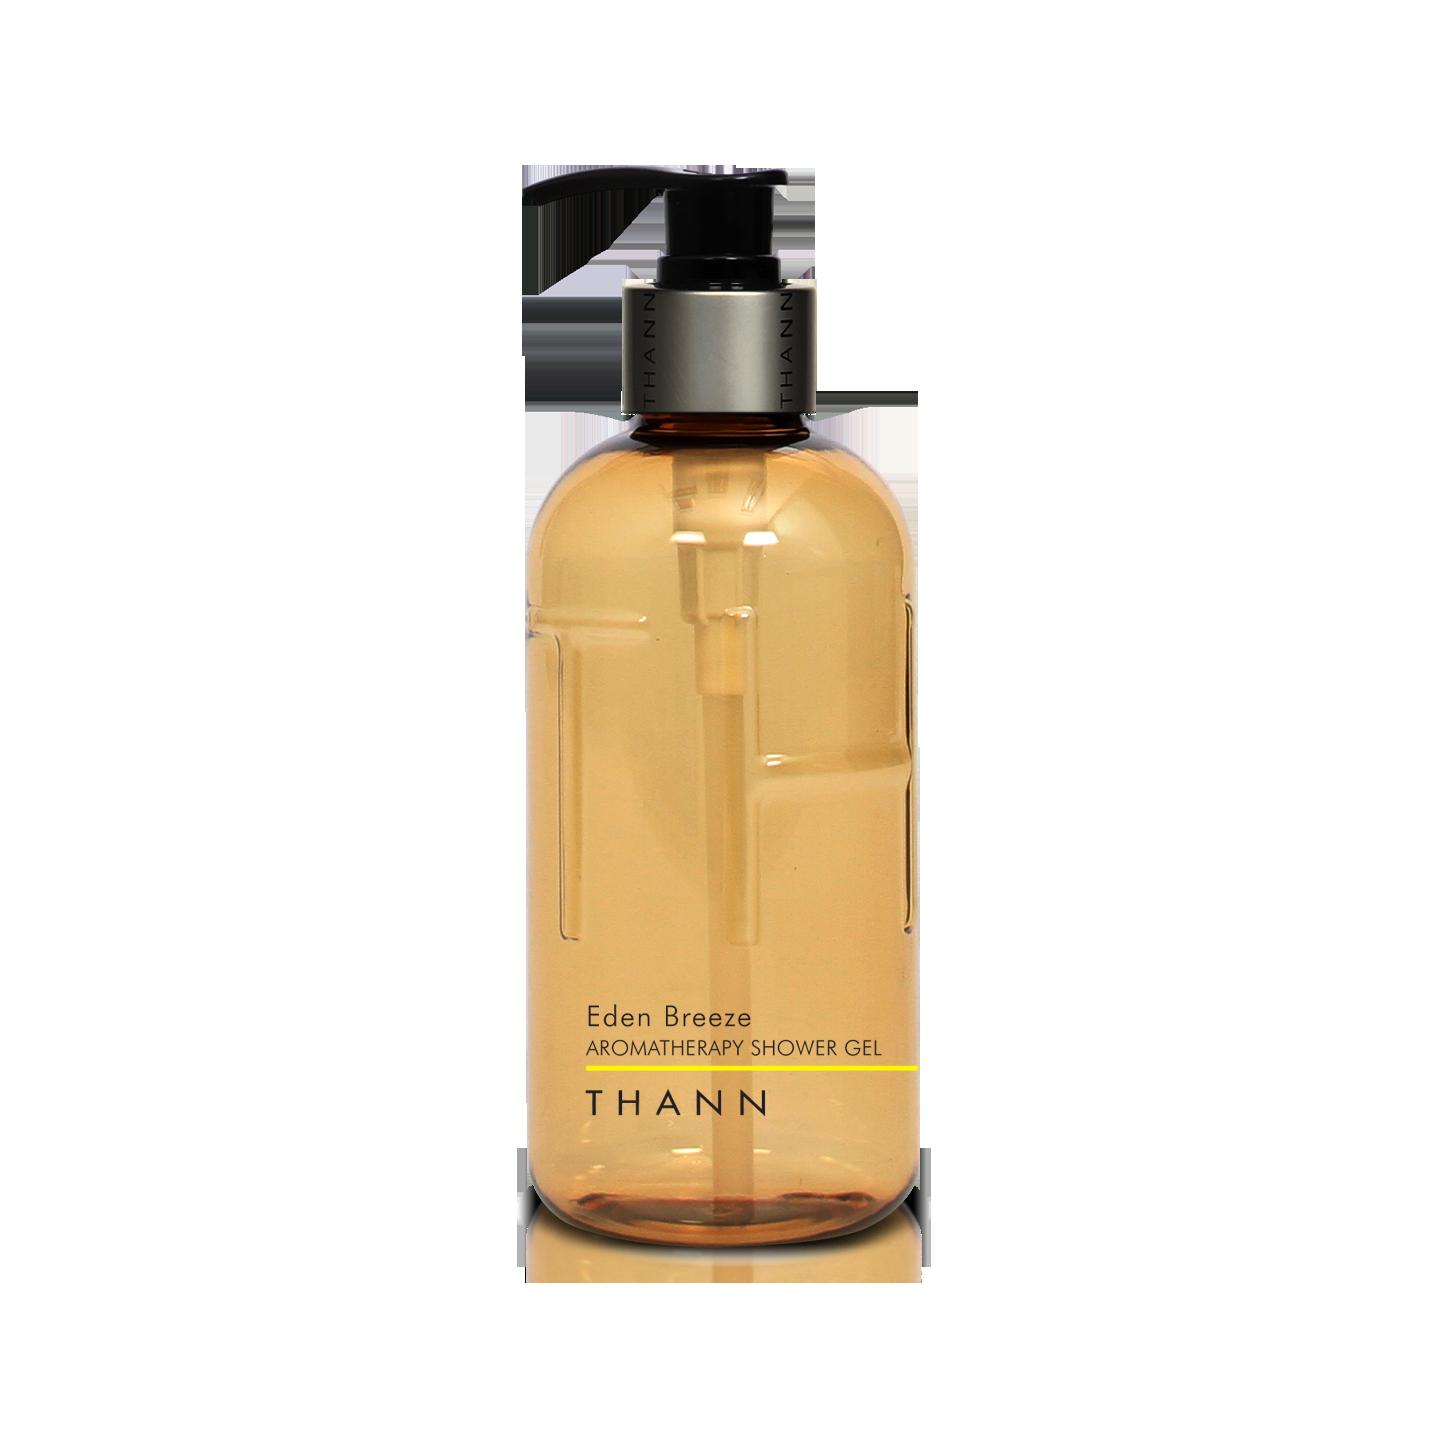 Bath Shower Gel Eden Breeze Aromatherapy Shower Gel 320ml Thann Vietnam